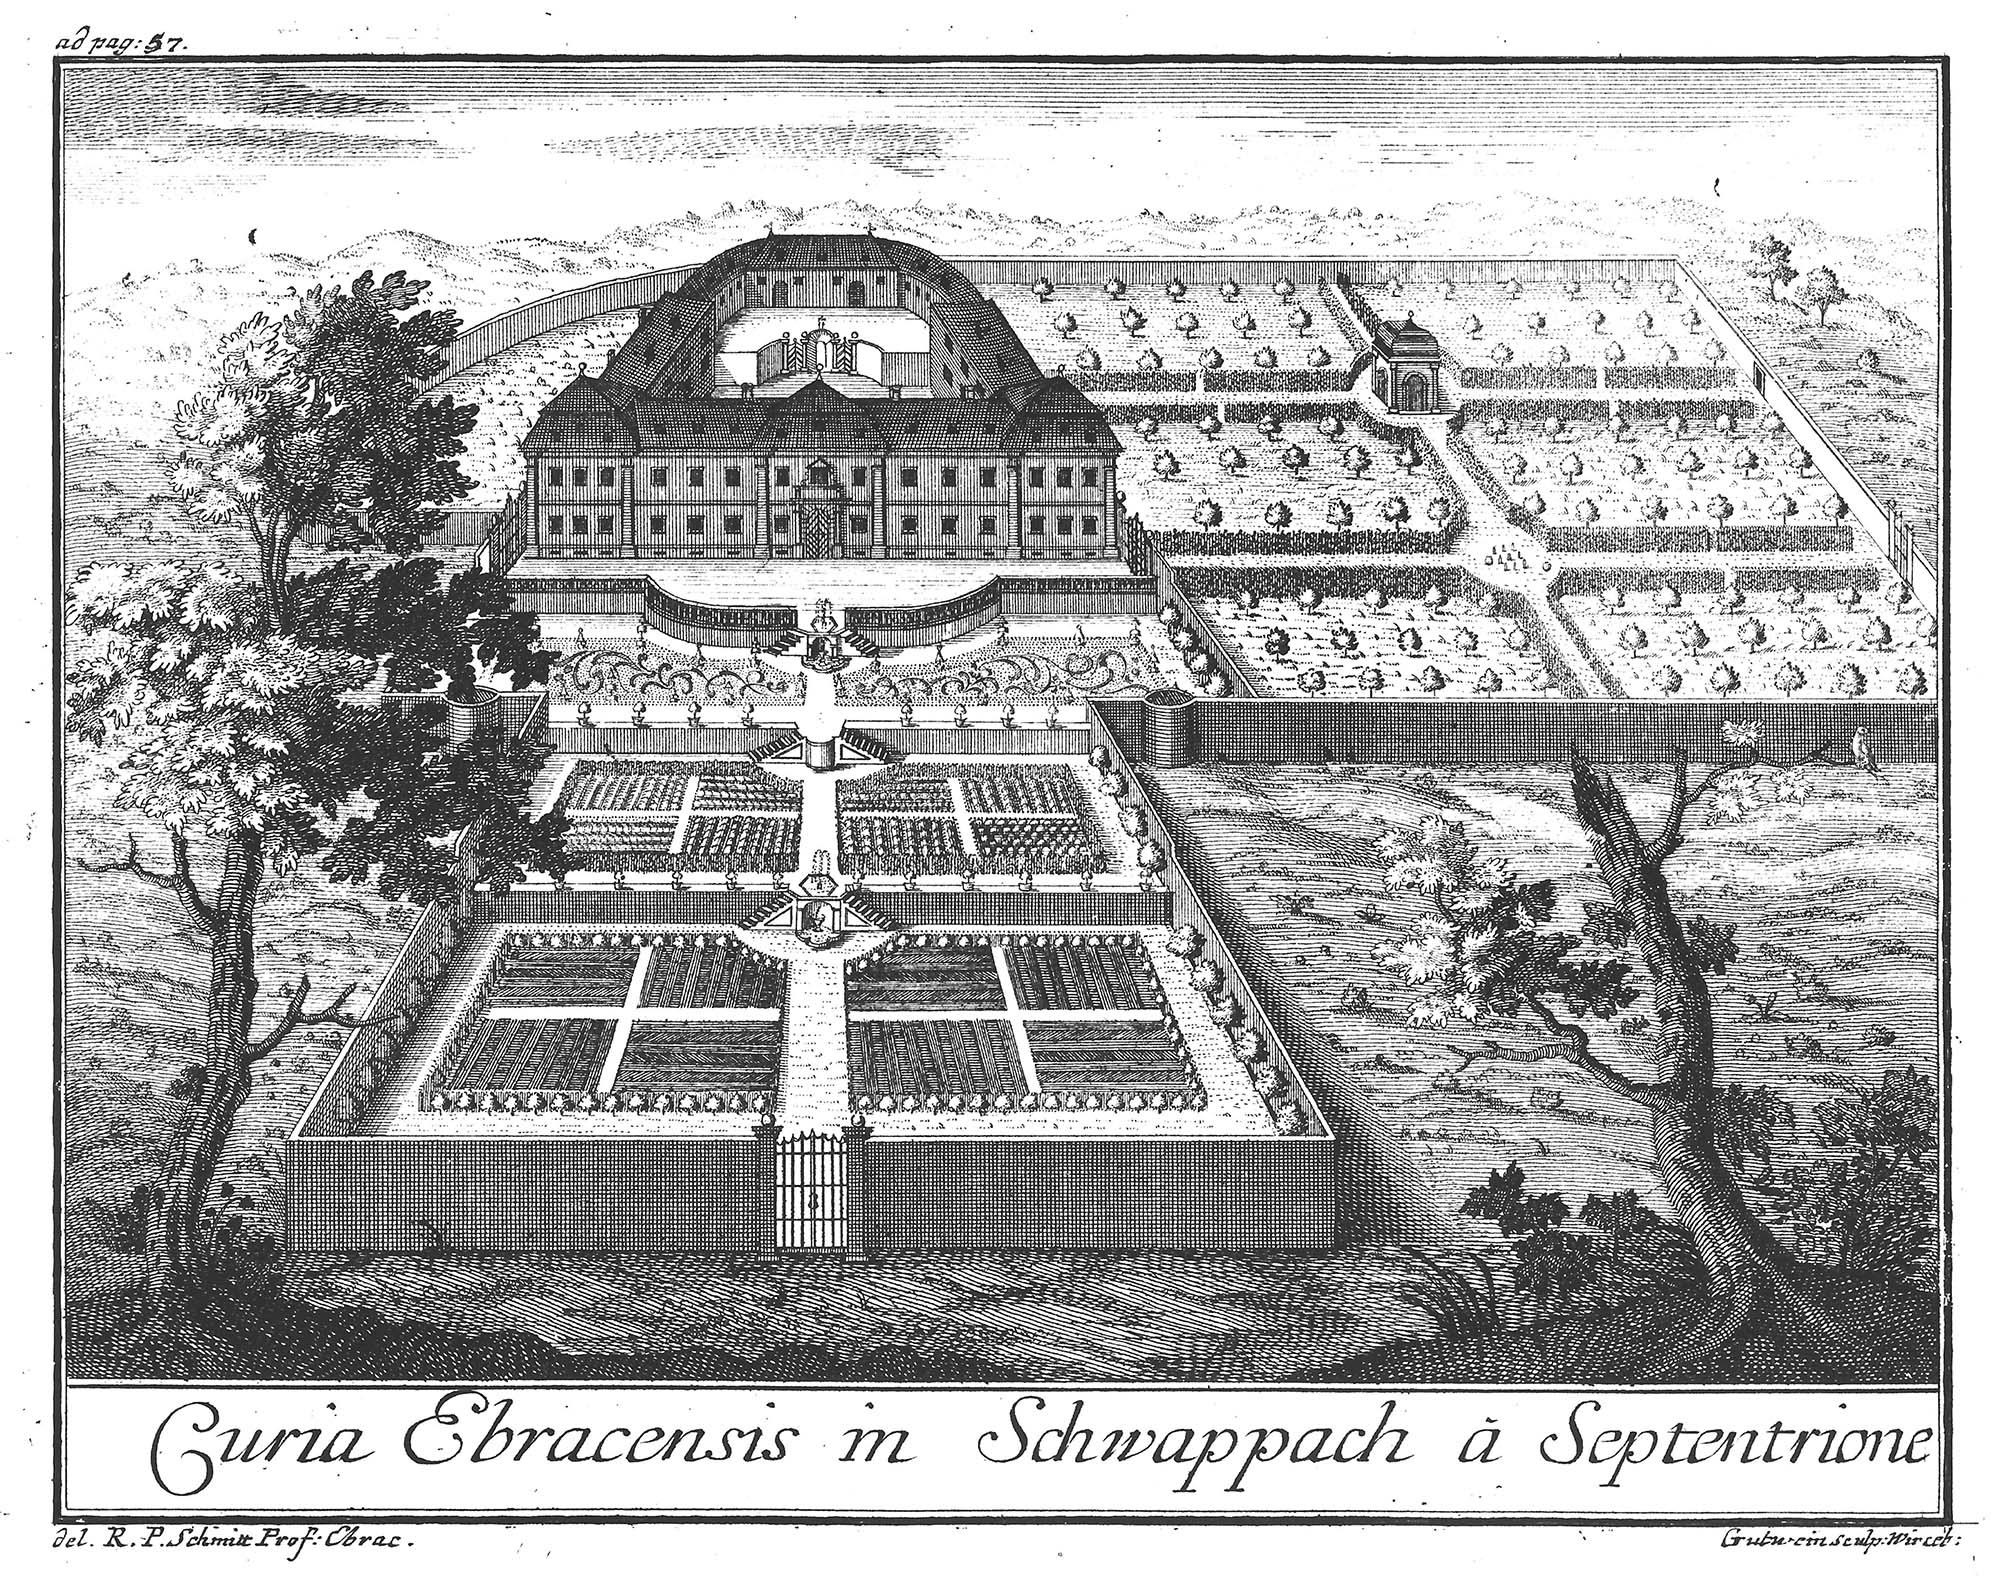 Stich Schloss Oberschwappach von Gutwein, Überarbeitet von Thomas Baumgartner, blackpoint design